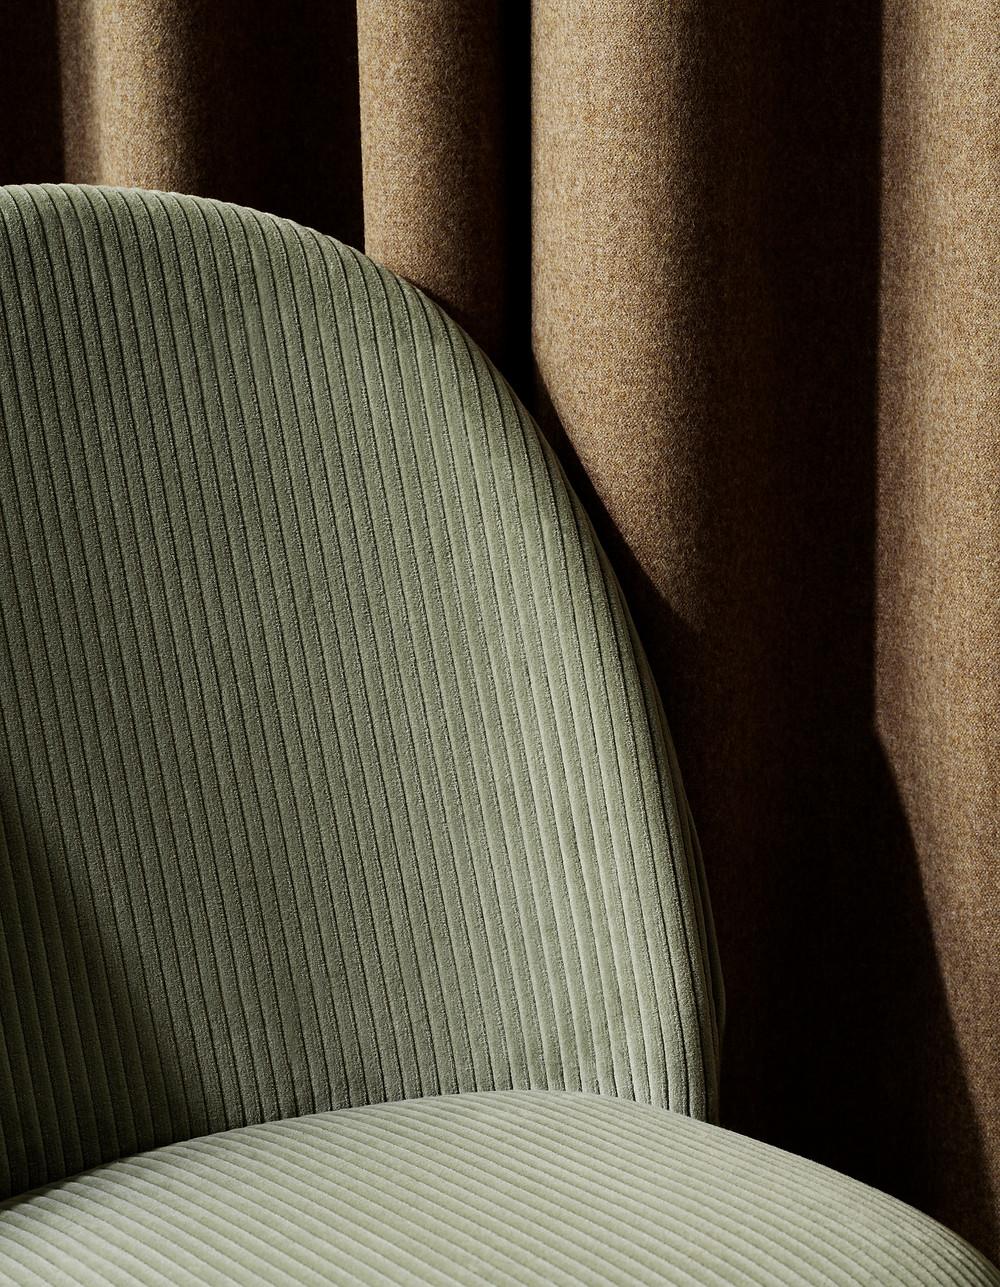 Luksuslikud tekstiilid ja messingist või kroomist jalad lisavad lihtsale disainile küllusliku noodi.